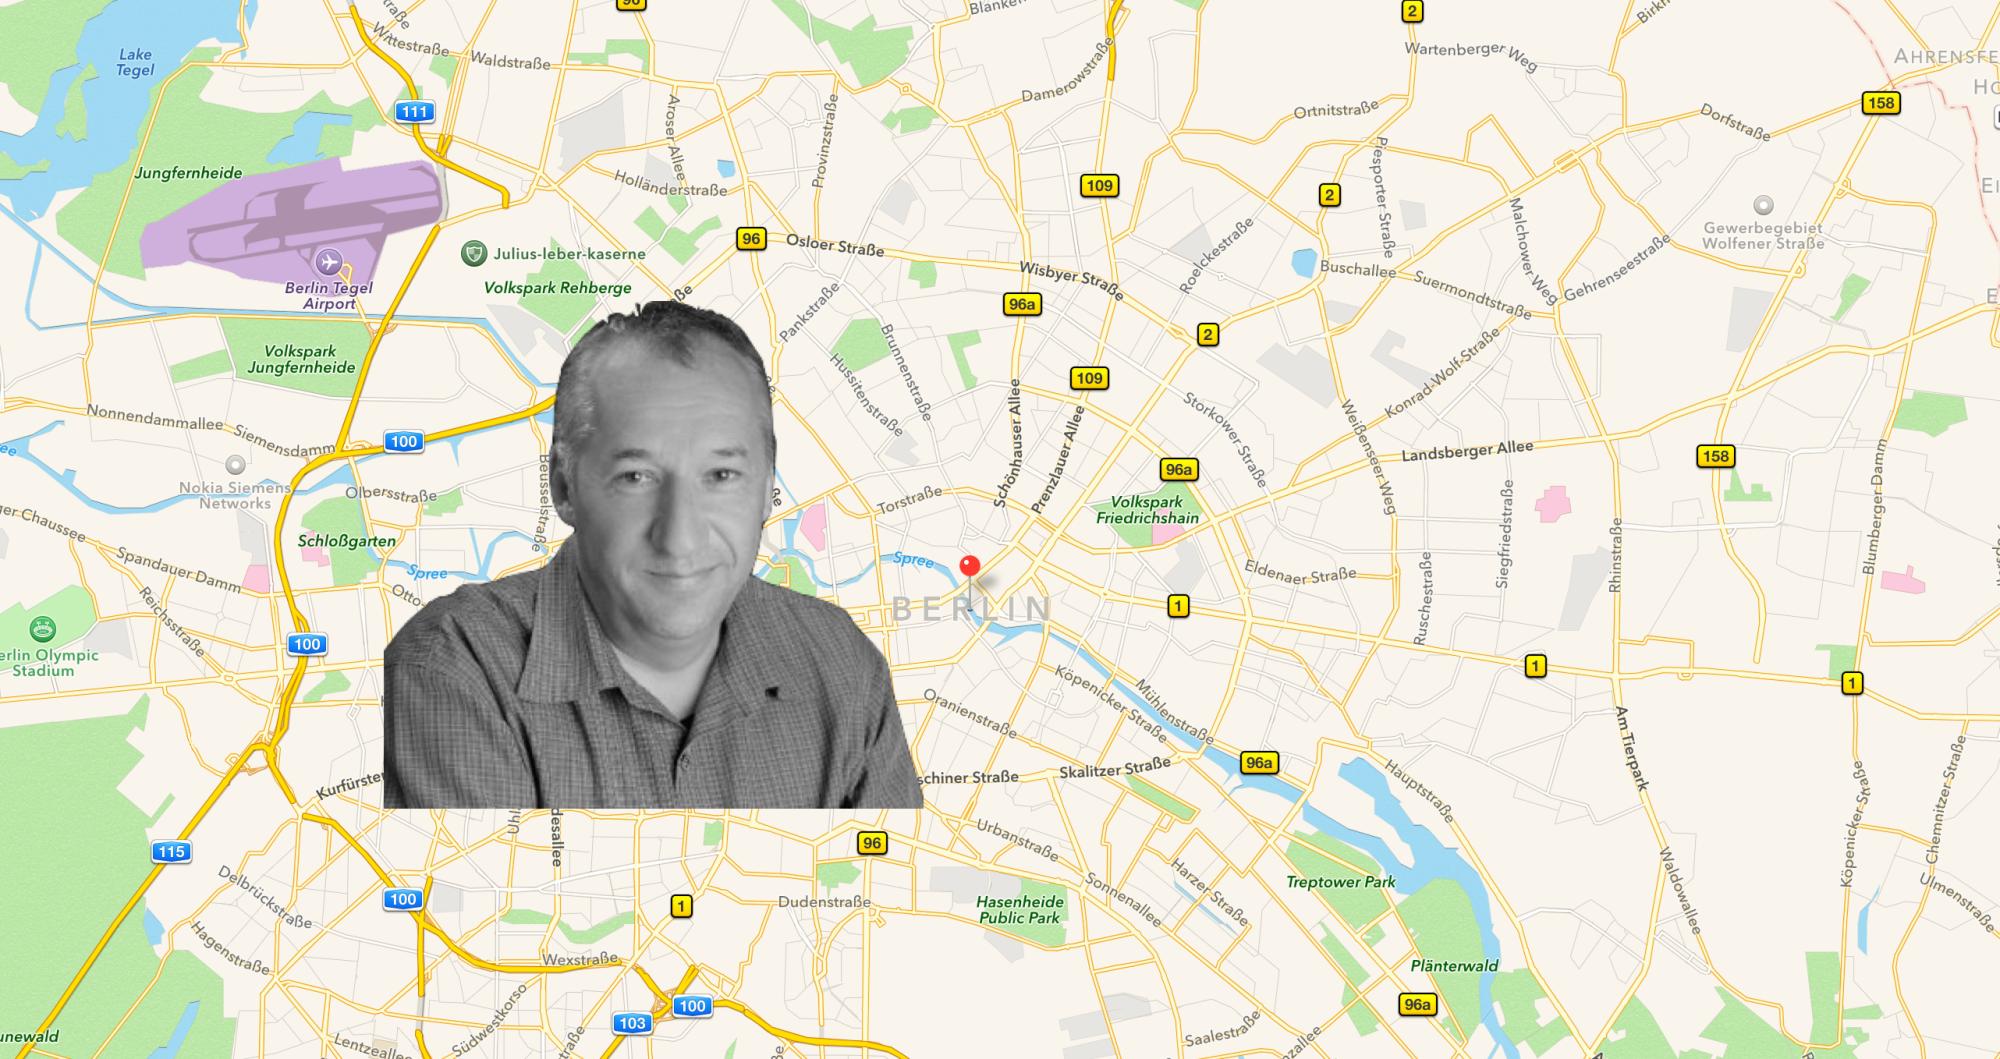 Apple нанимает одного из создателей карт HERE для Nokia